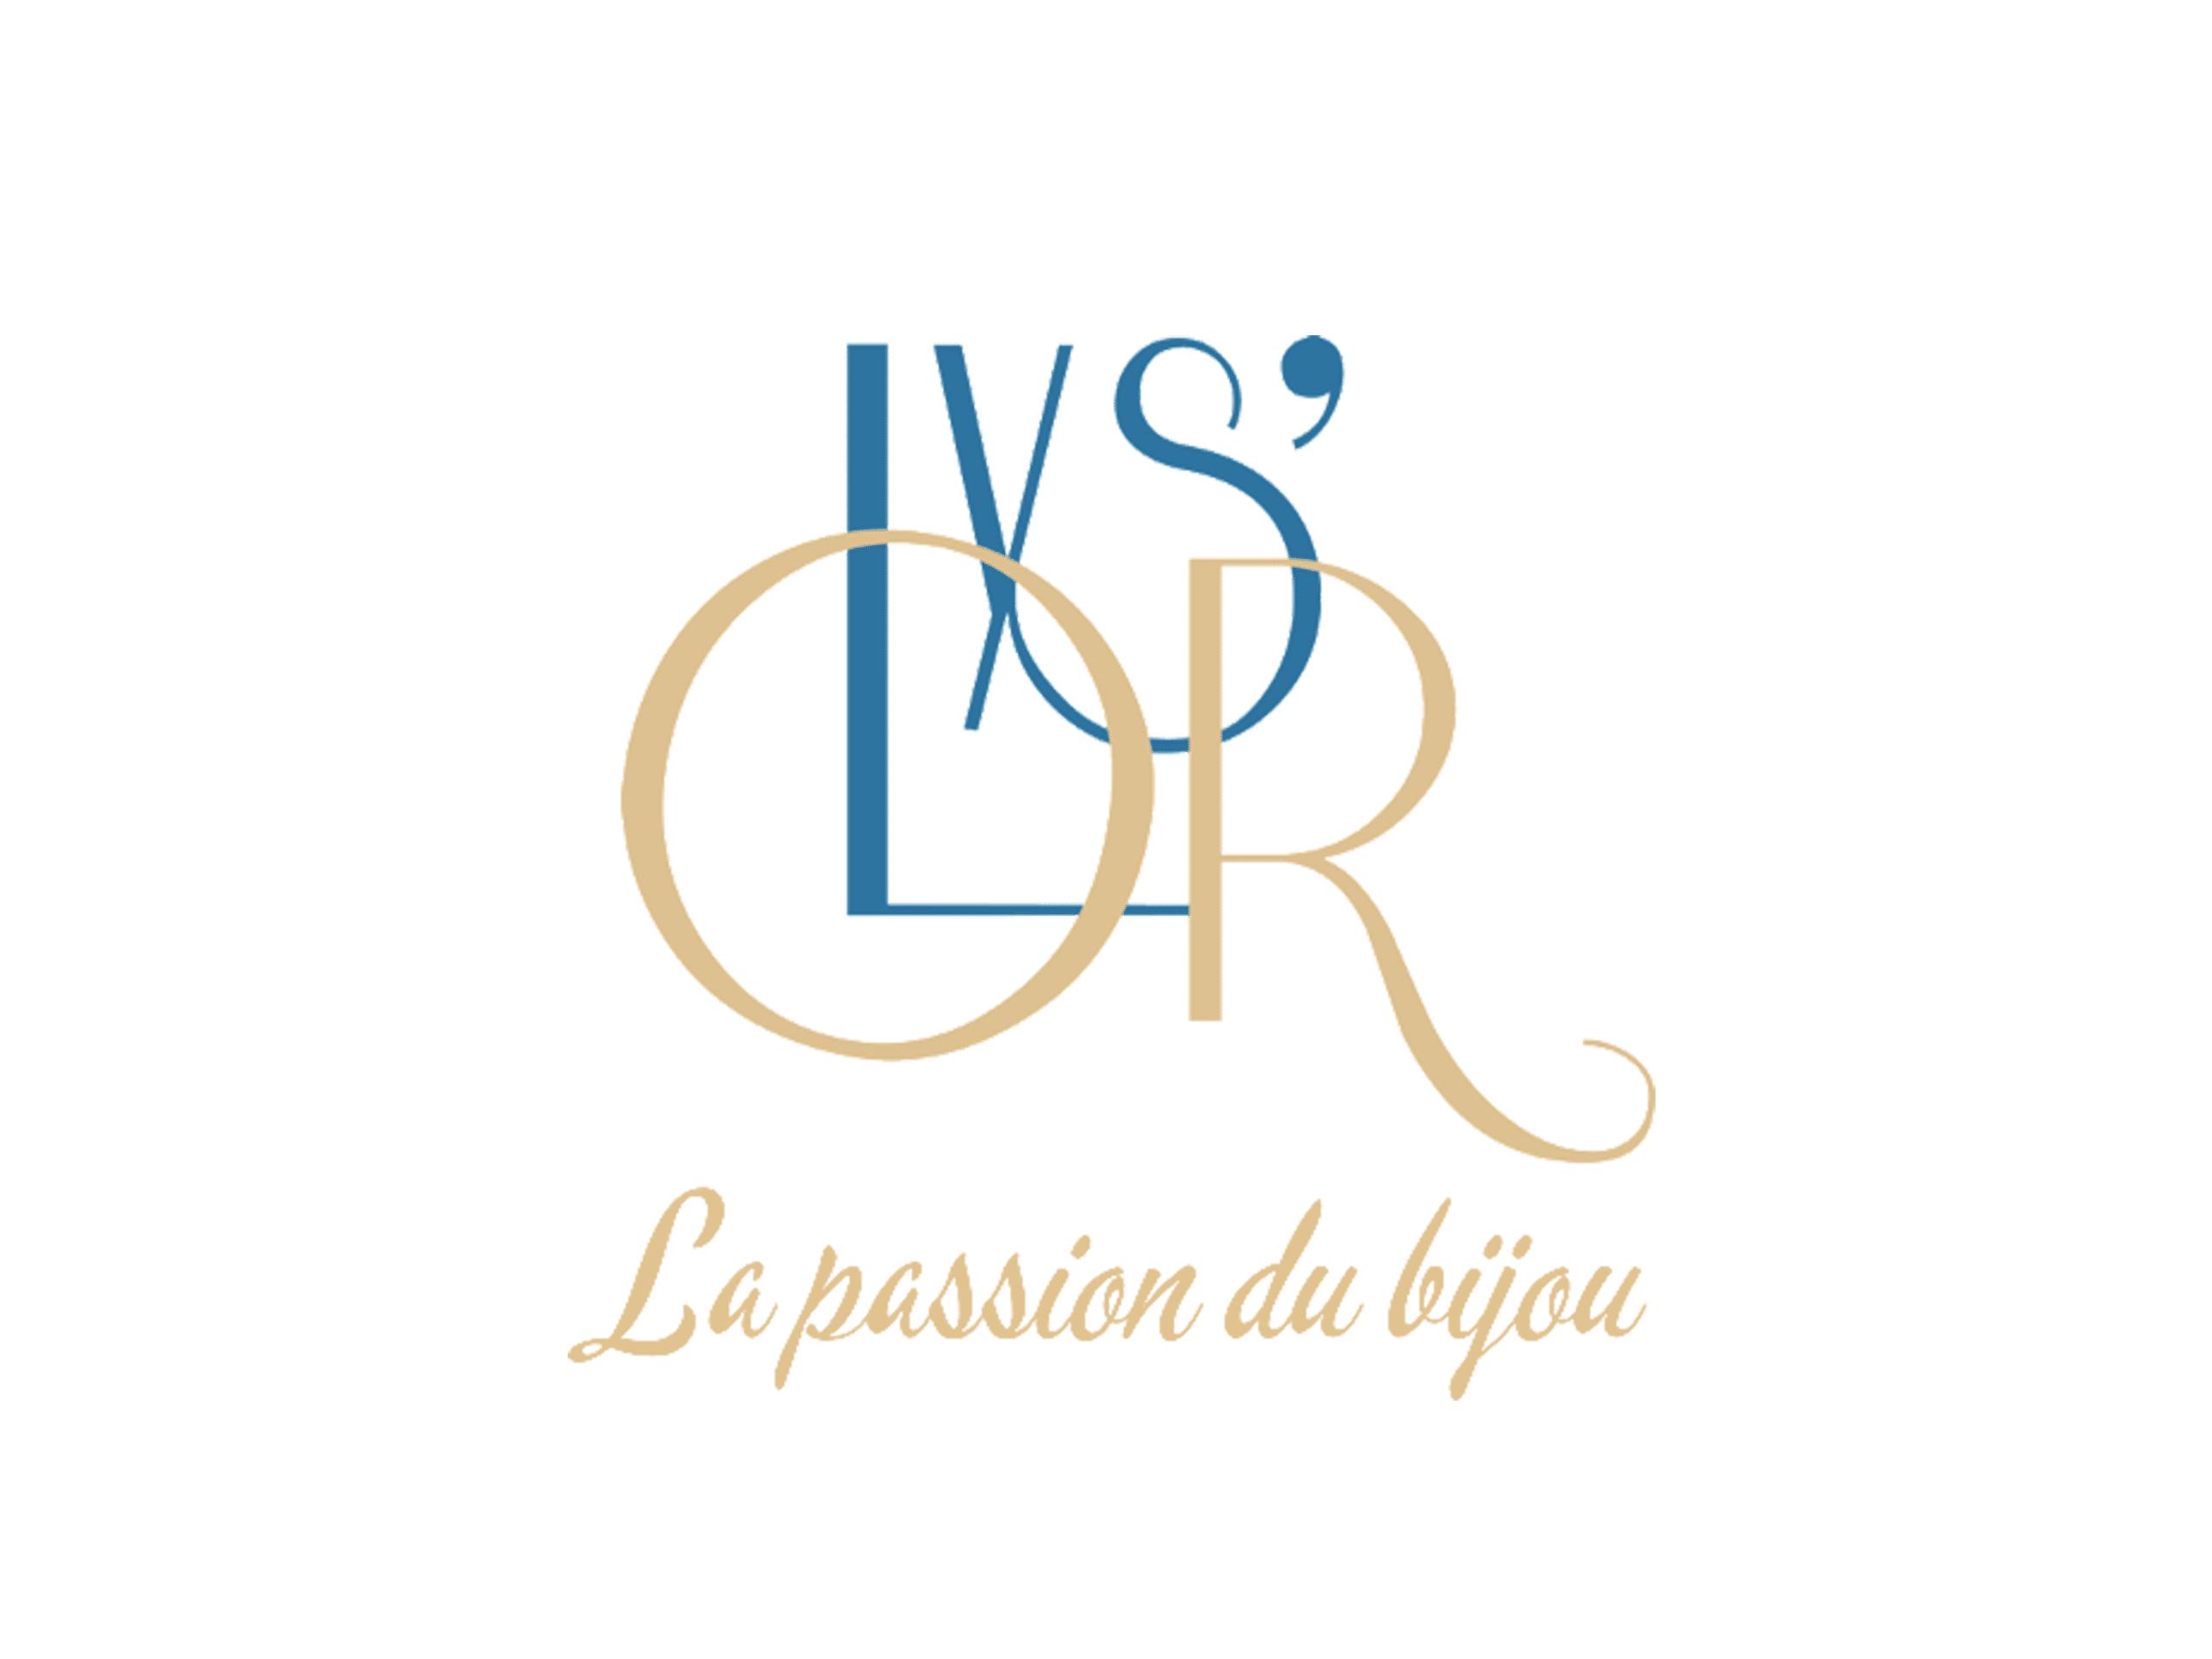 logo lys'or